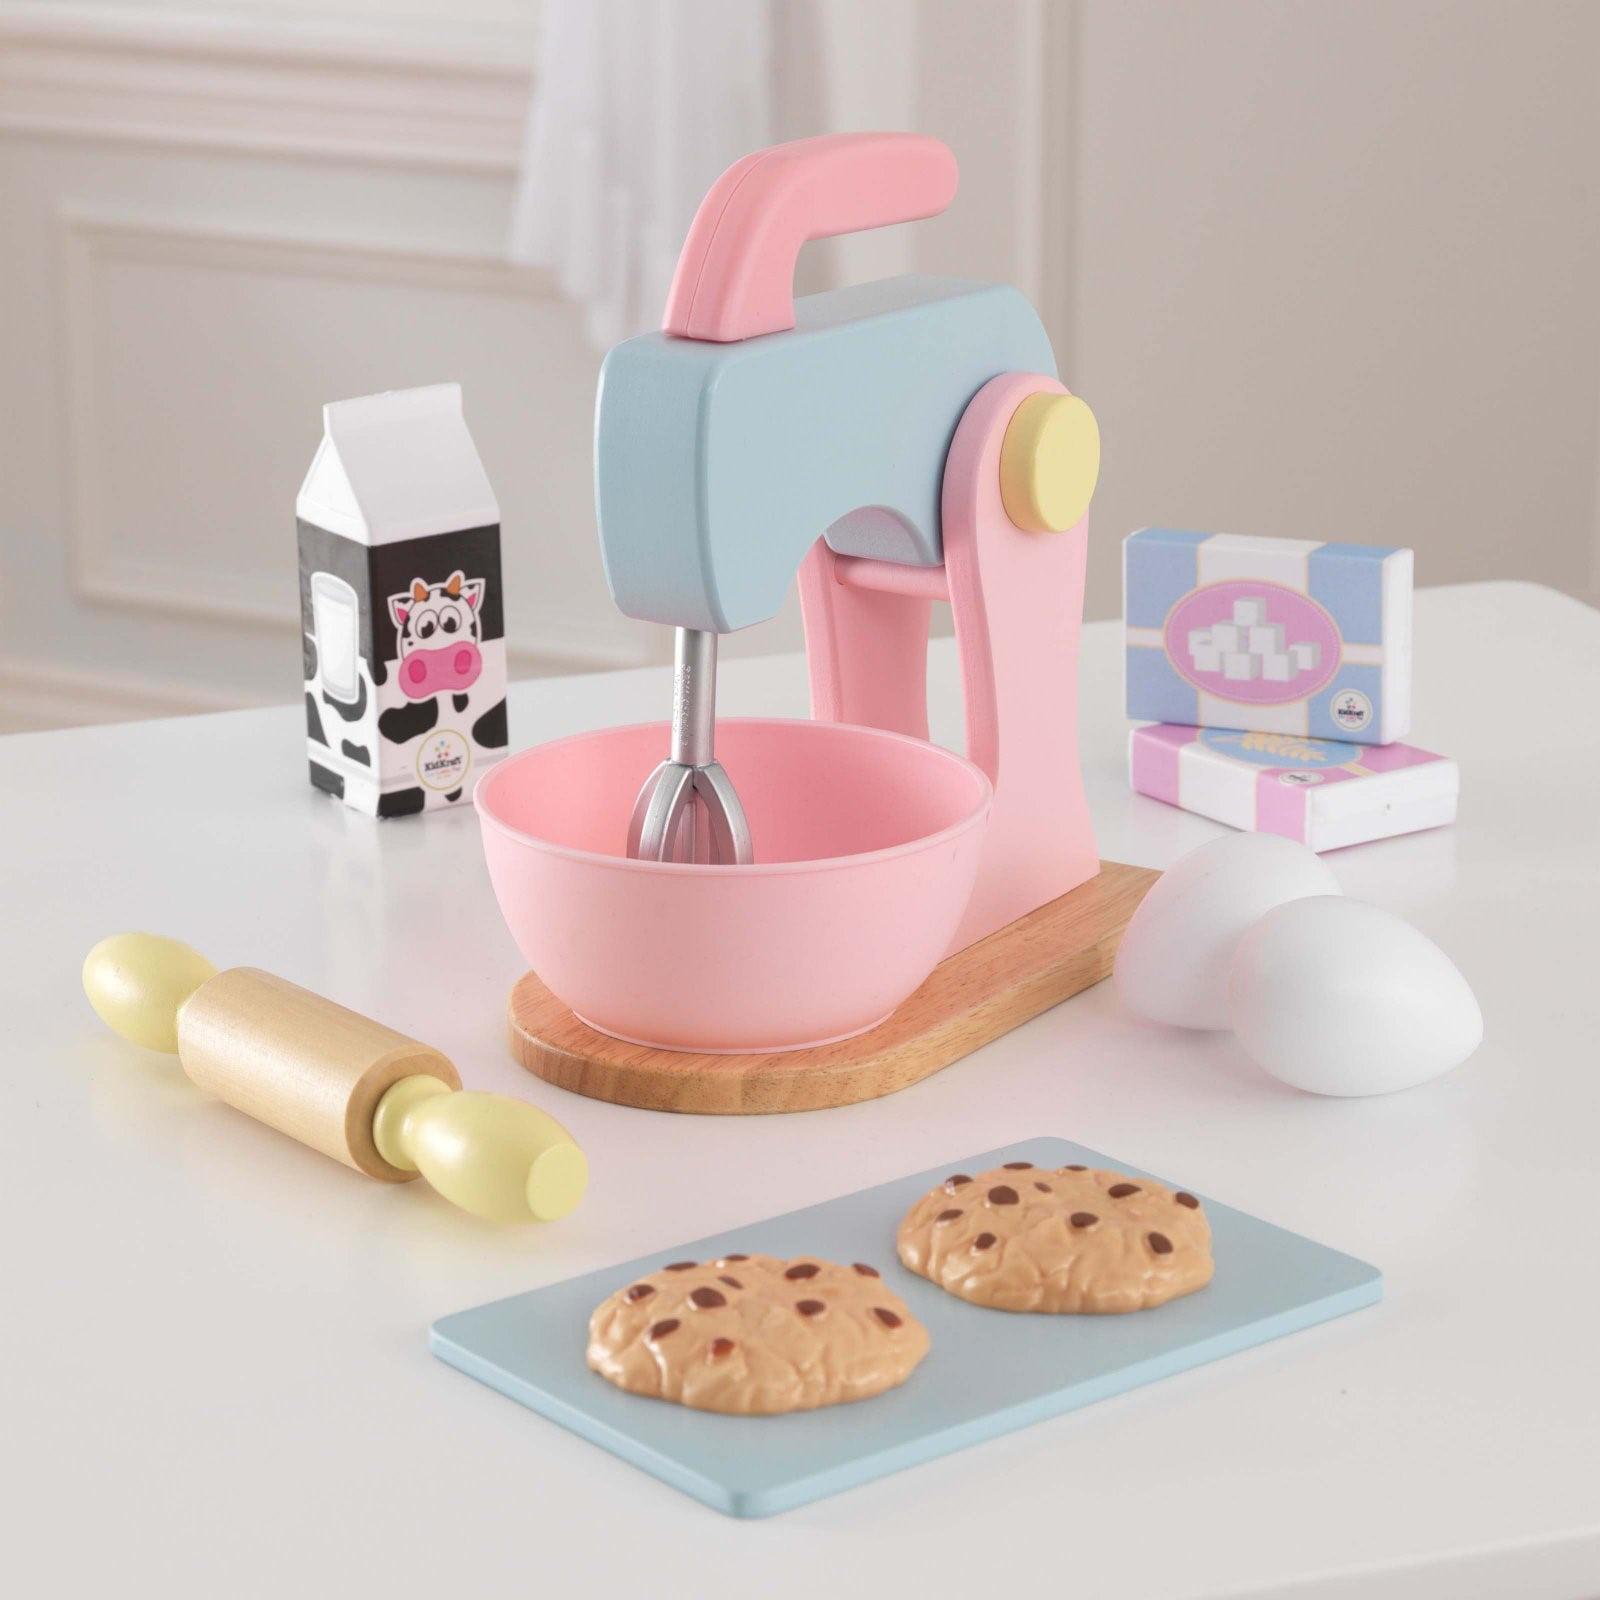 KidKraft Pastel Baking Set by KidKraft, Inc.